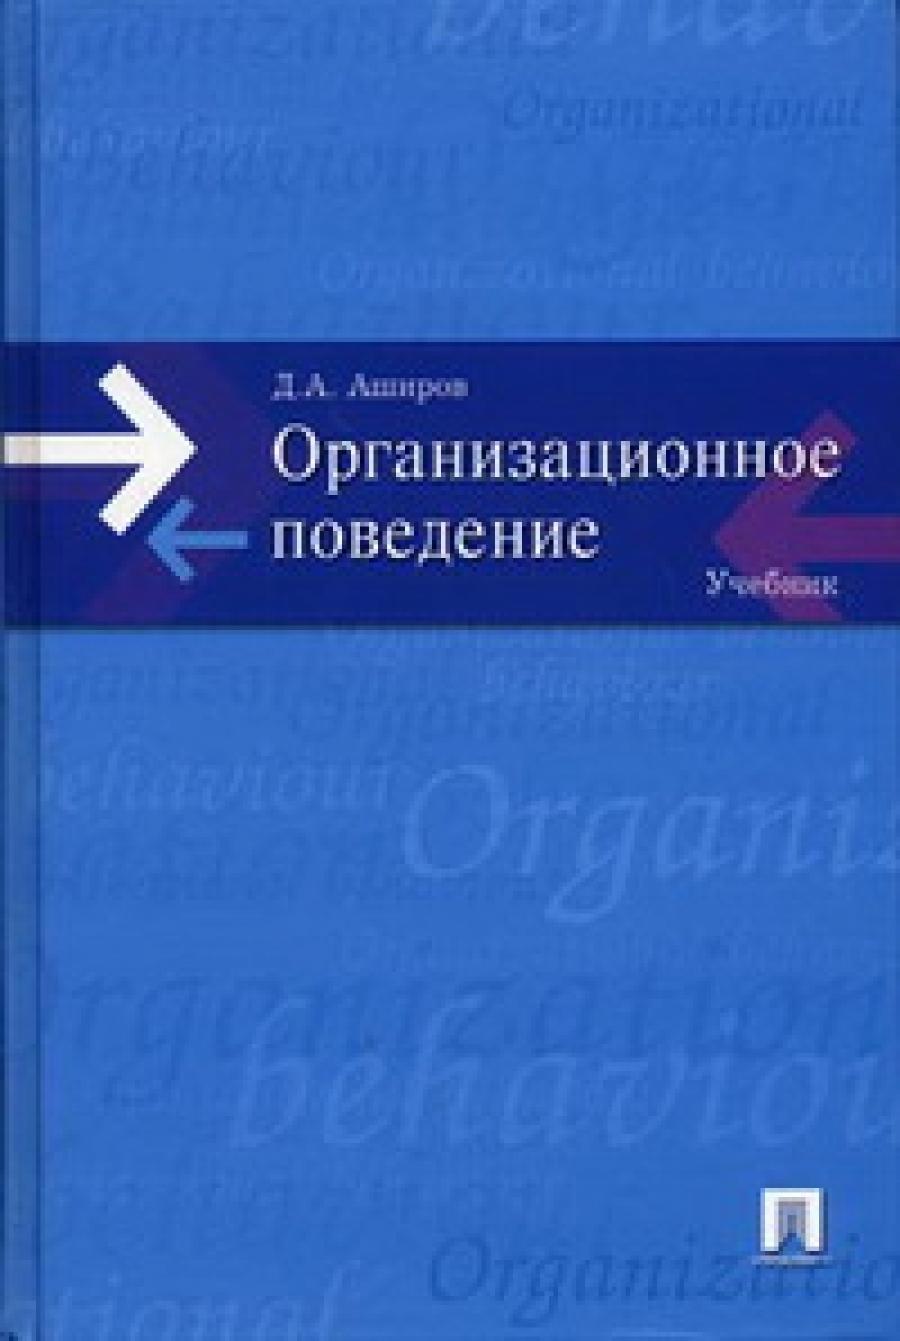 Обложка книги:  д.а. аширов - организационное поведение